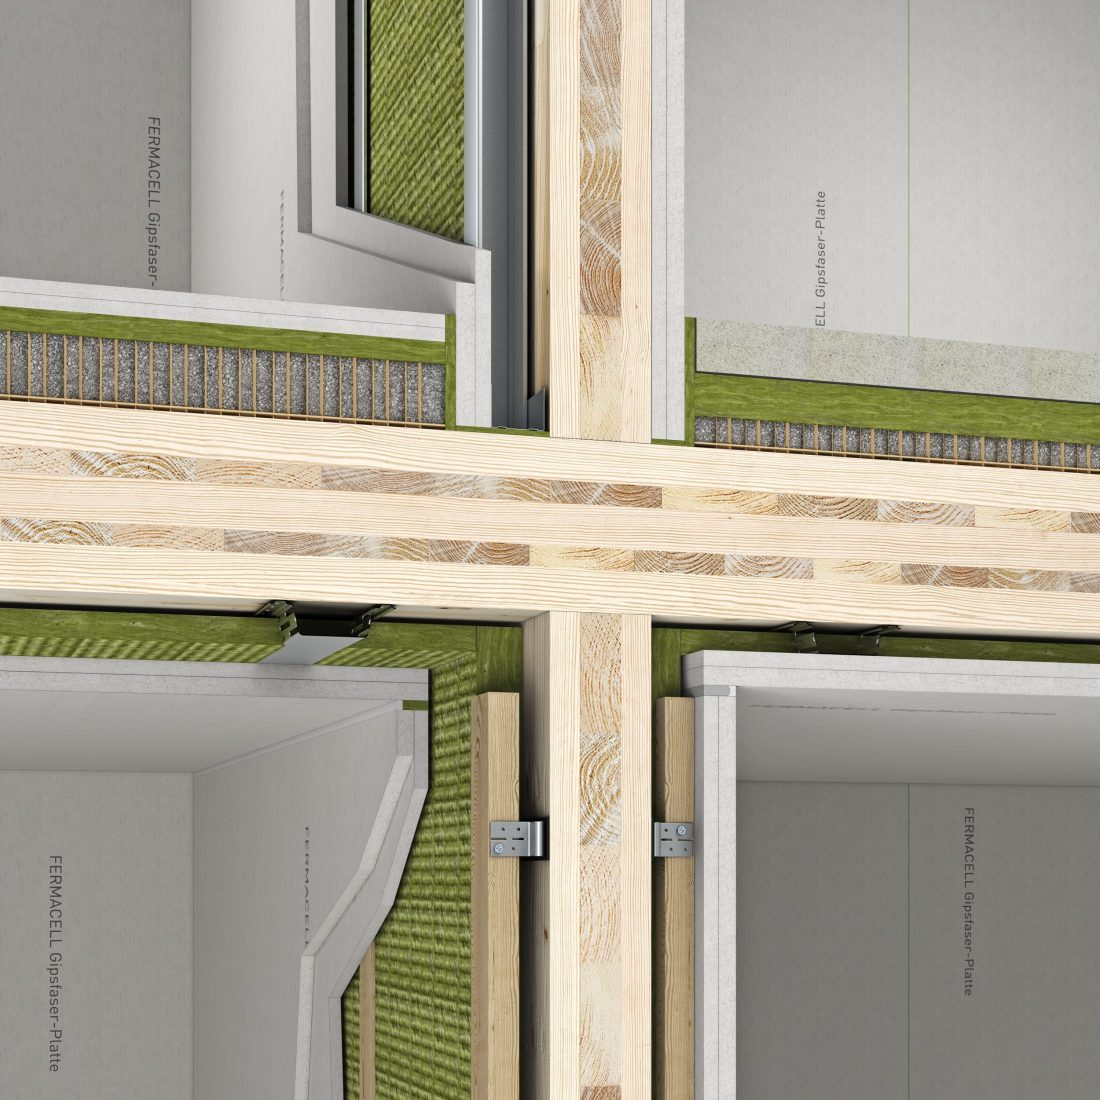 Brandschutztechnisch wirksame Bekleidung mit Gipsfaserplatten im mehrgeschossigen Holzbau – Projektlösung. Grafik: Fermacell